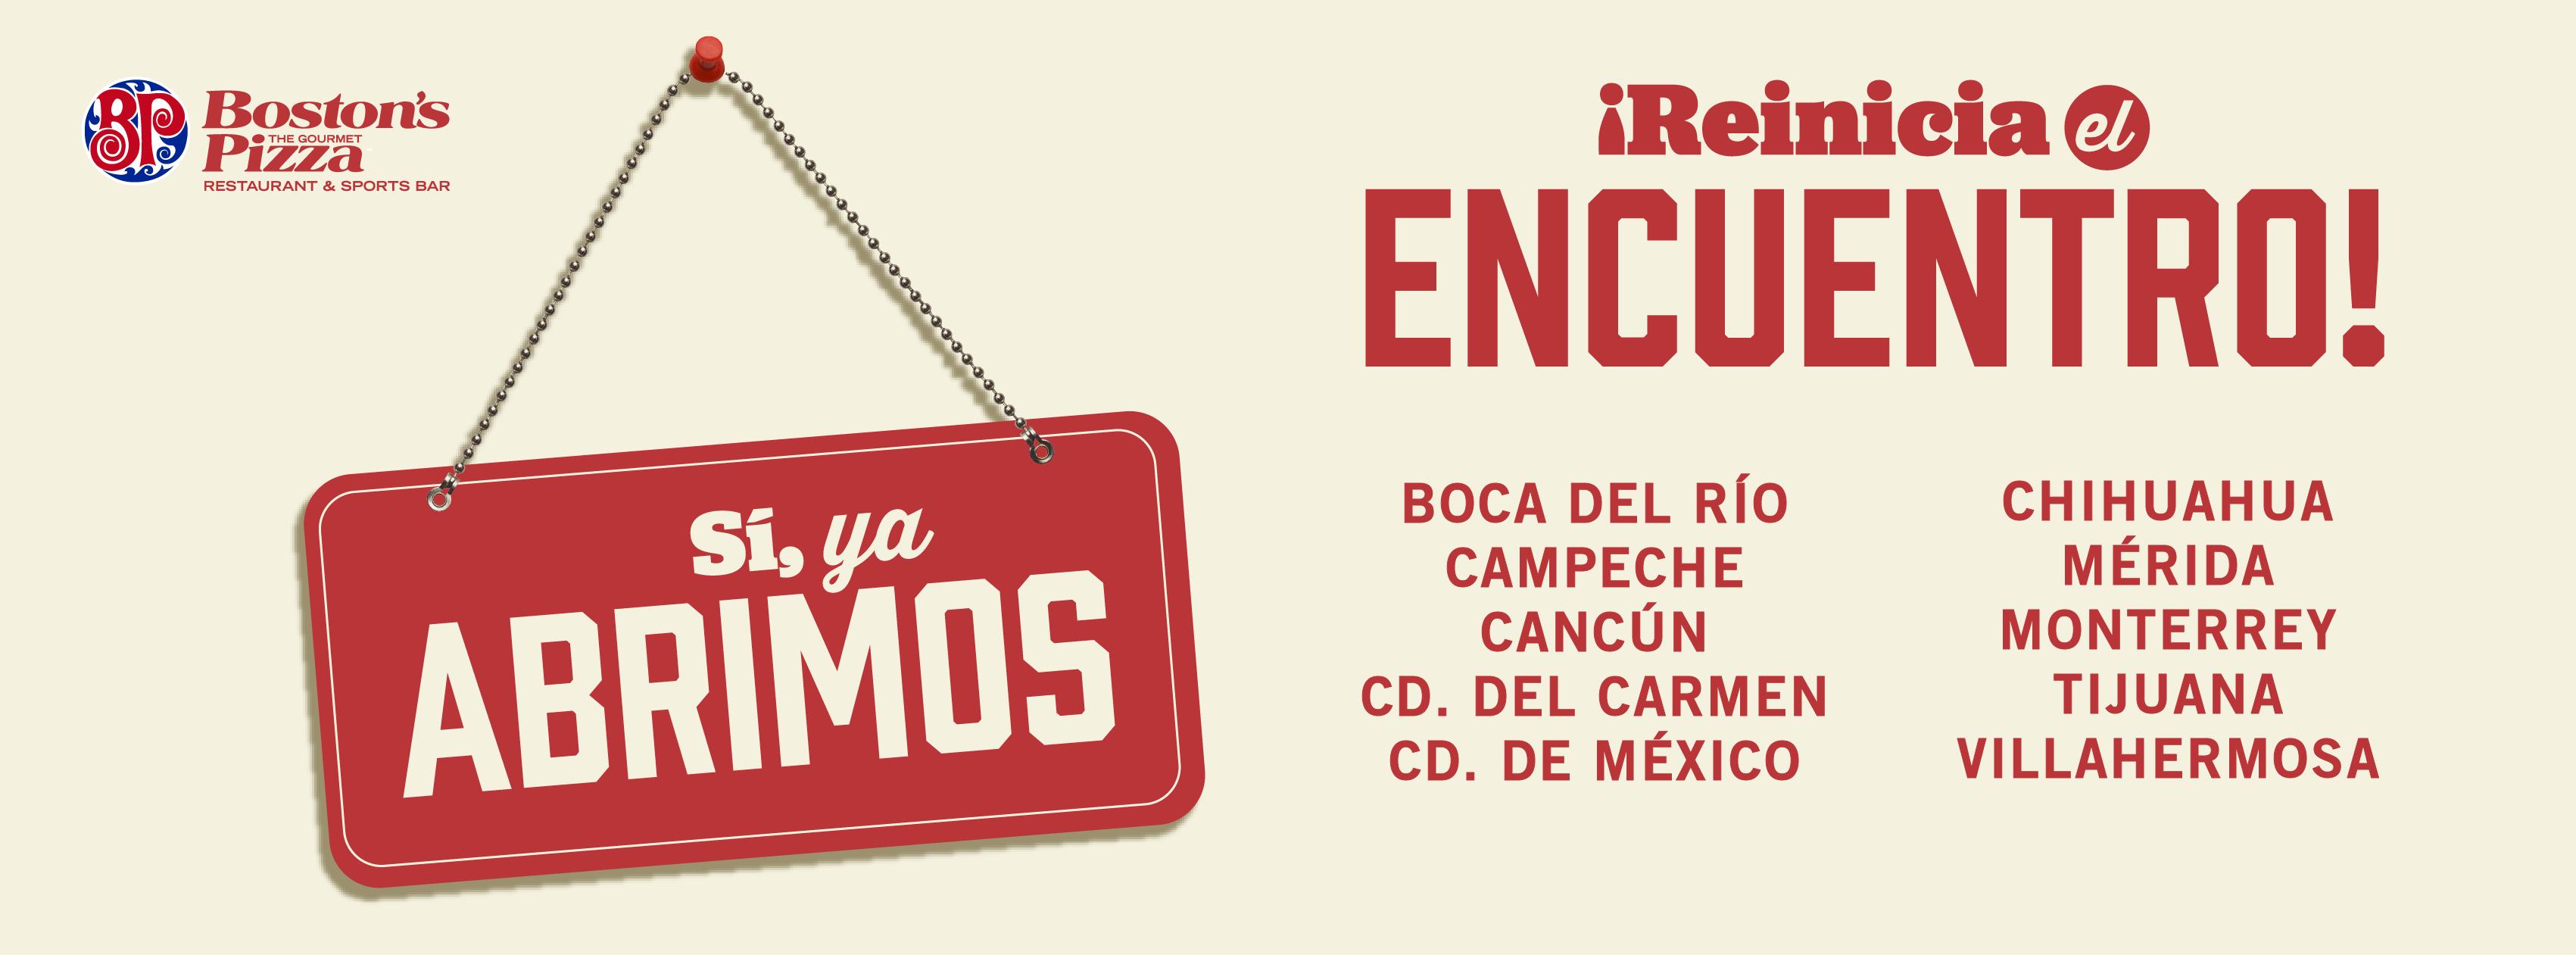 reinicia_encuentro